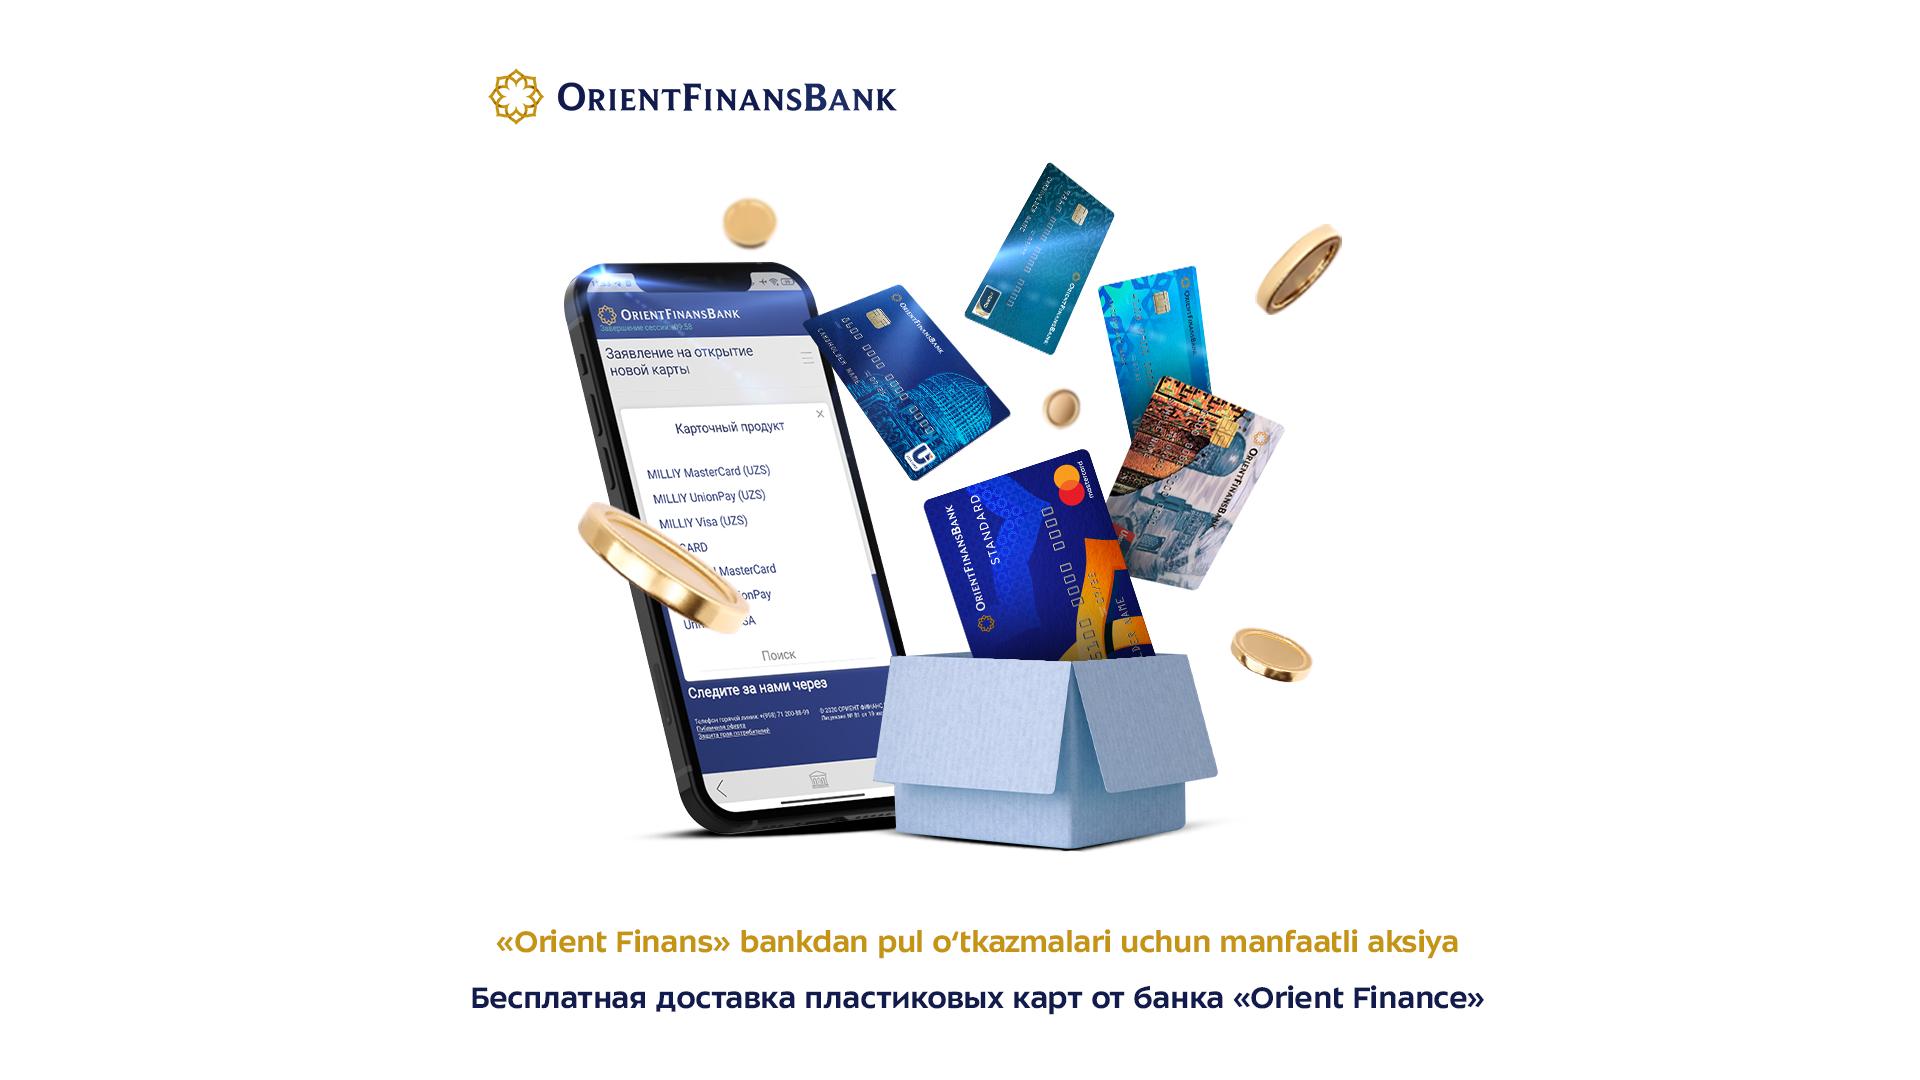 Банк «Ориент Финанс» предоставляет возможность заказывать пластиковые карты онлайн